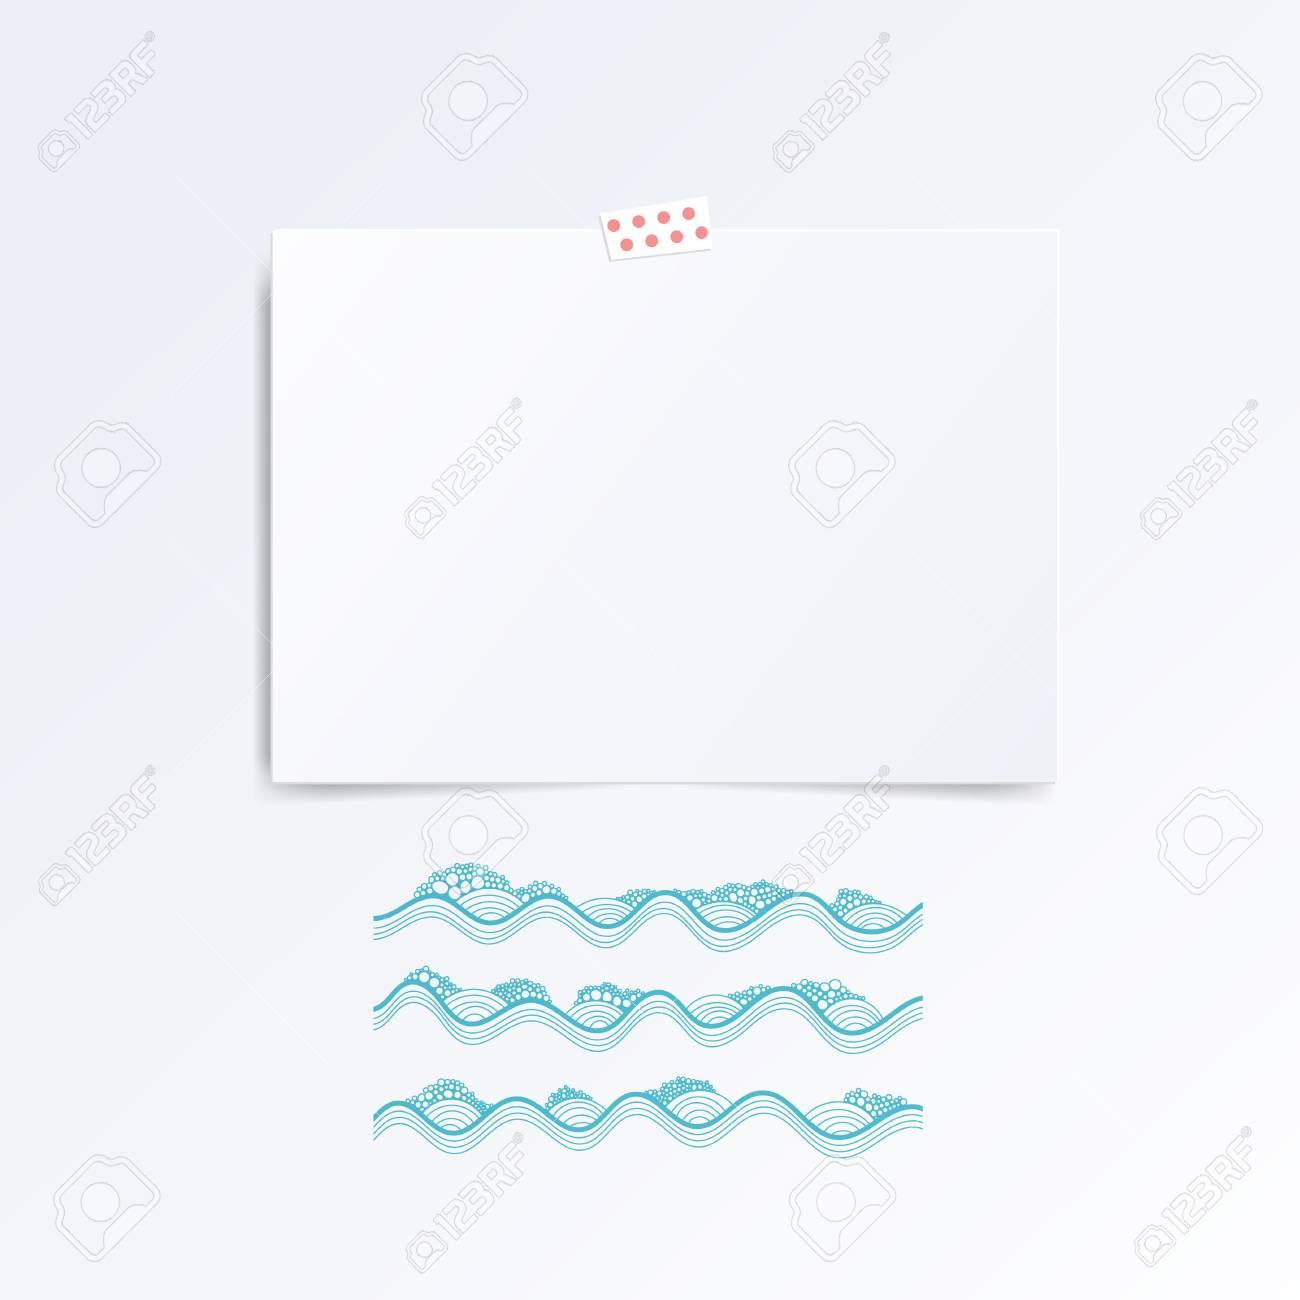 Vektor Weiß Hinweis Papier An Der Wand Dieser Wellen. Hipster ...